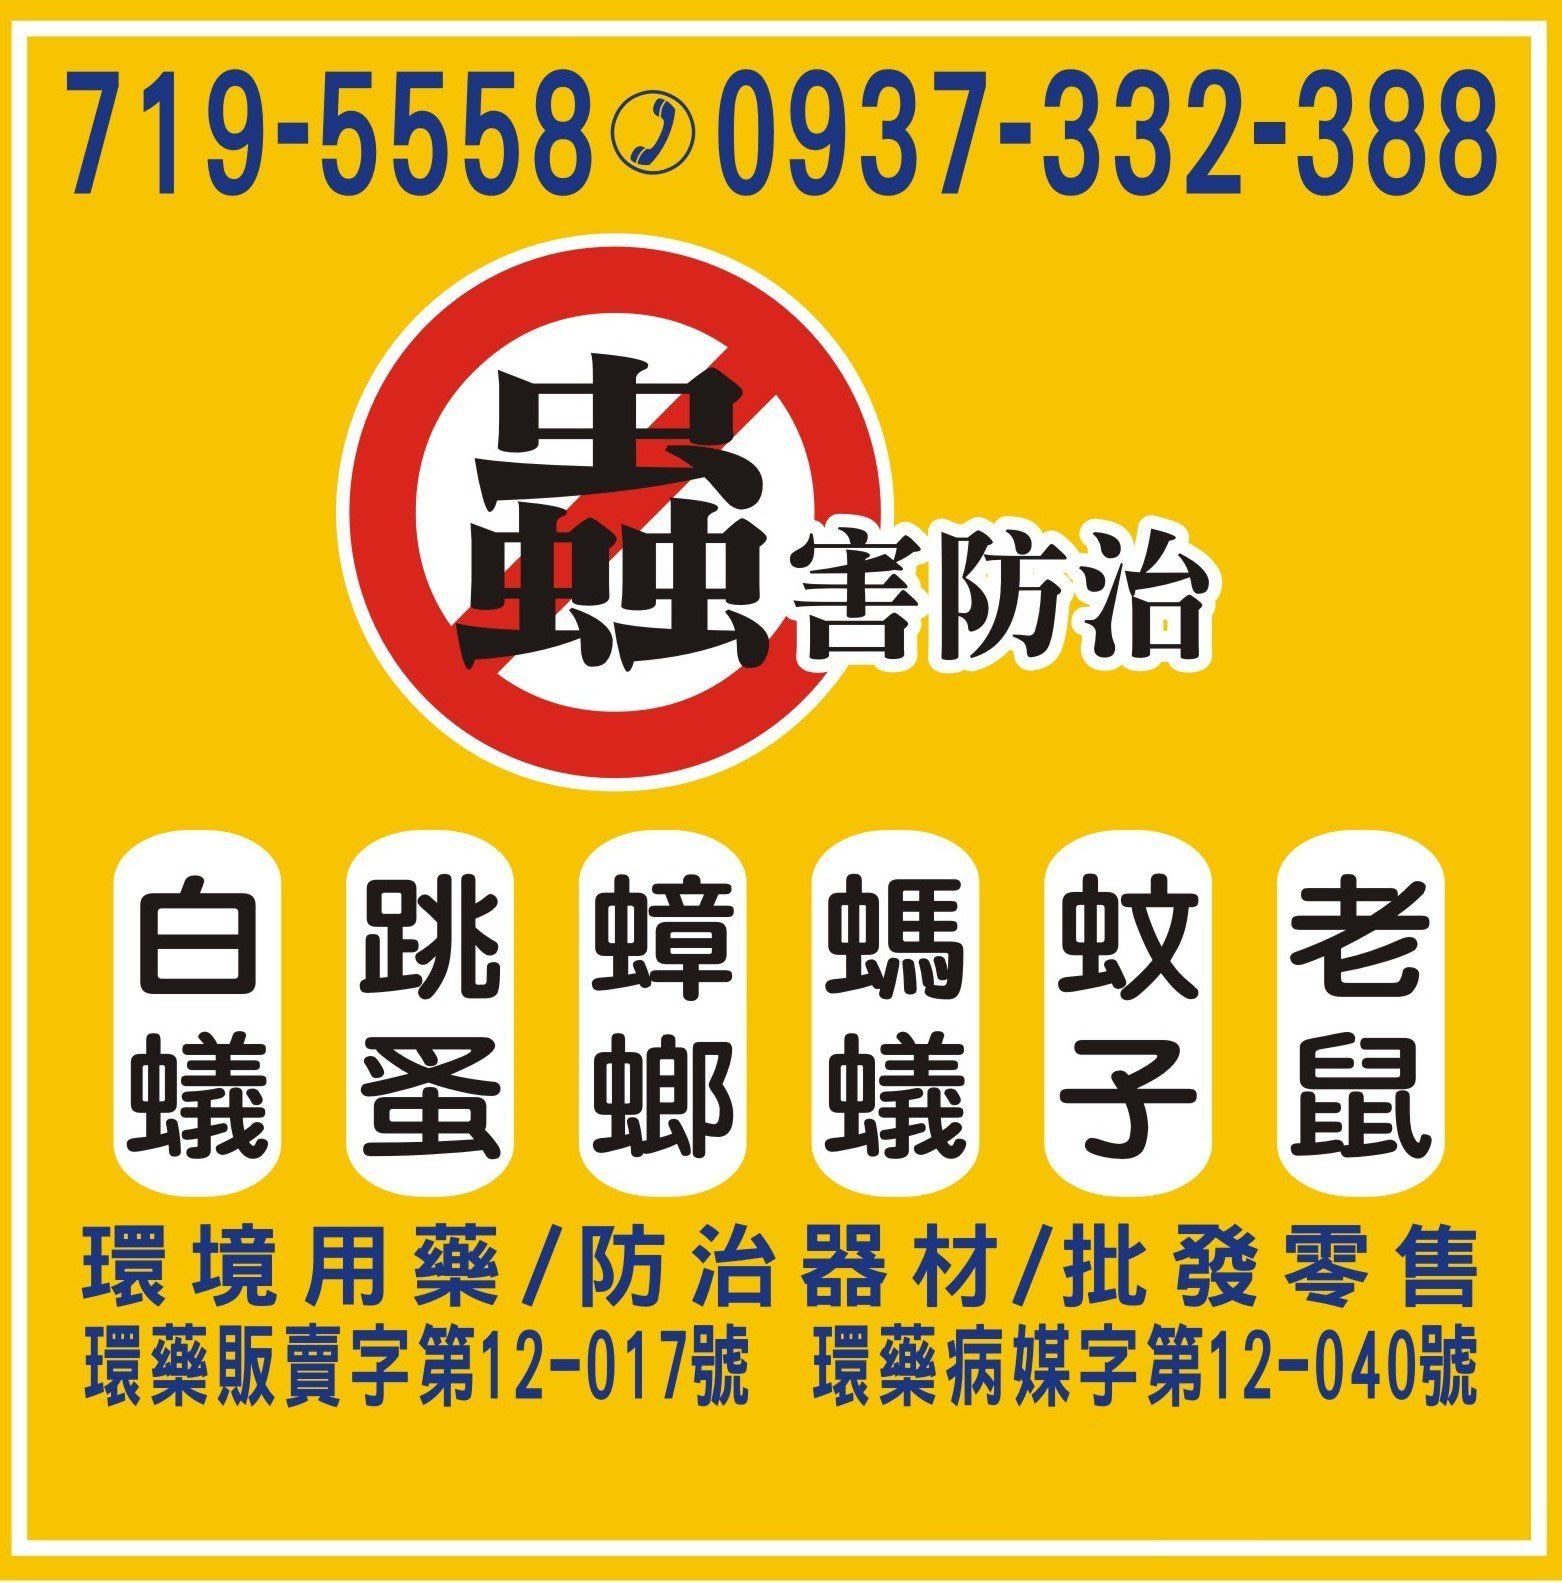 白蟻、跳蚤、蟑螂、螞蟻、蚊子、蒼蠅、小強、蛀蟲、專業白蟻防治 安全有效